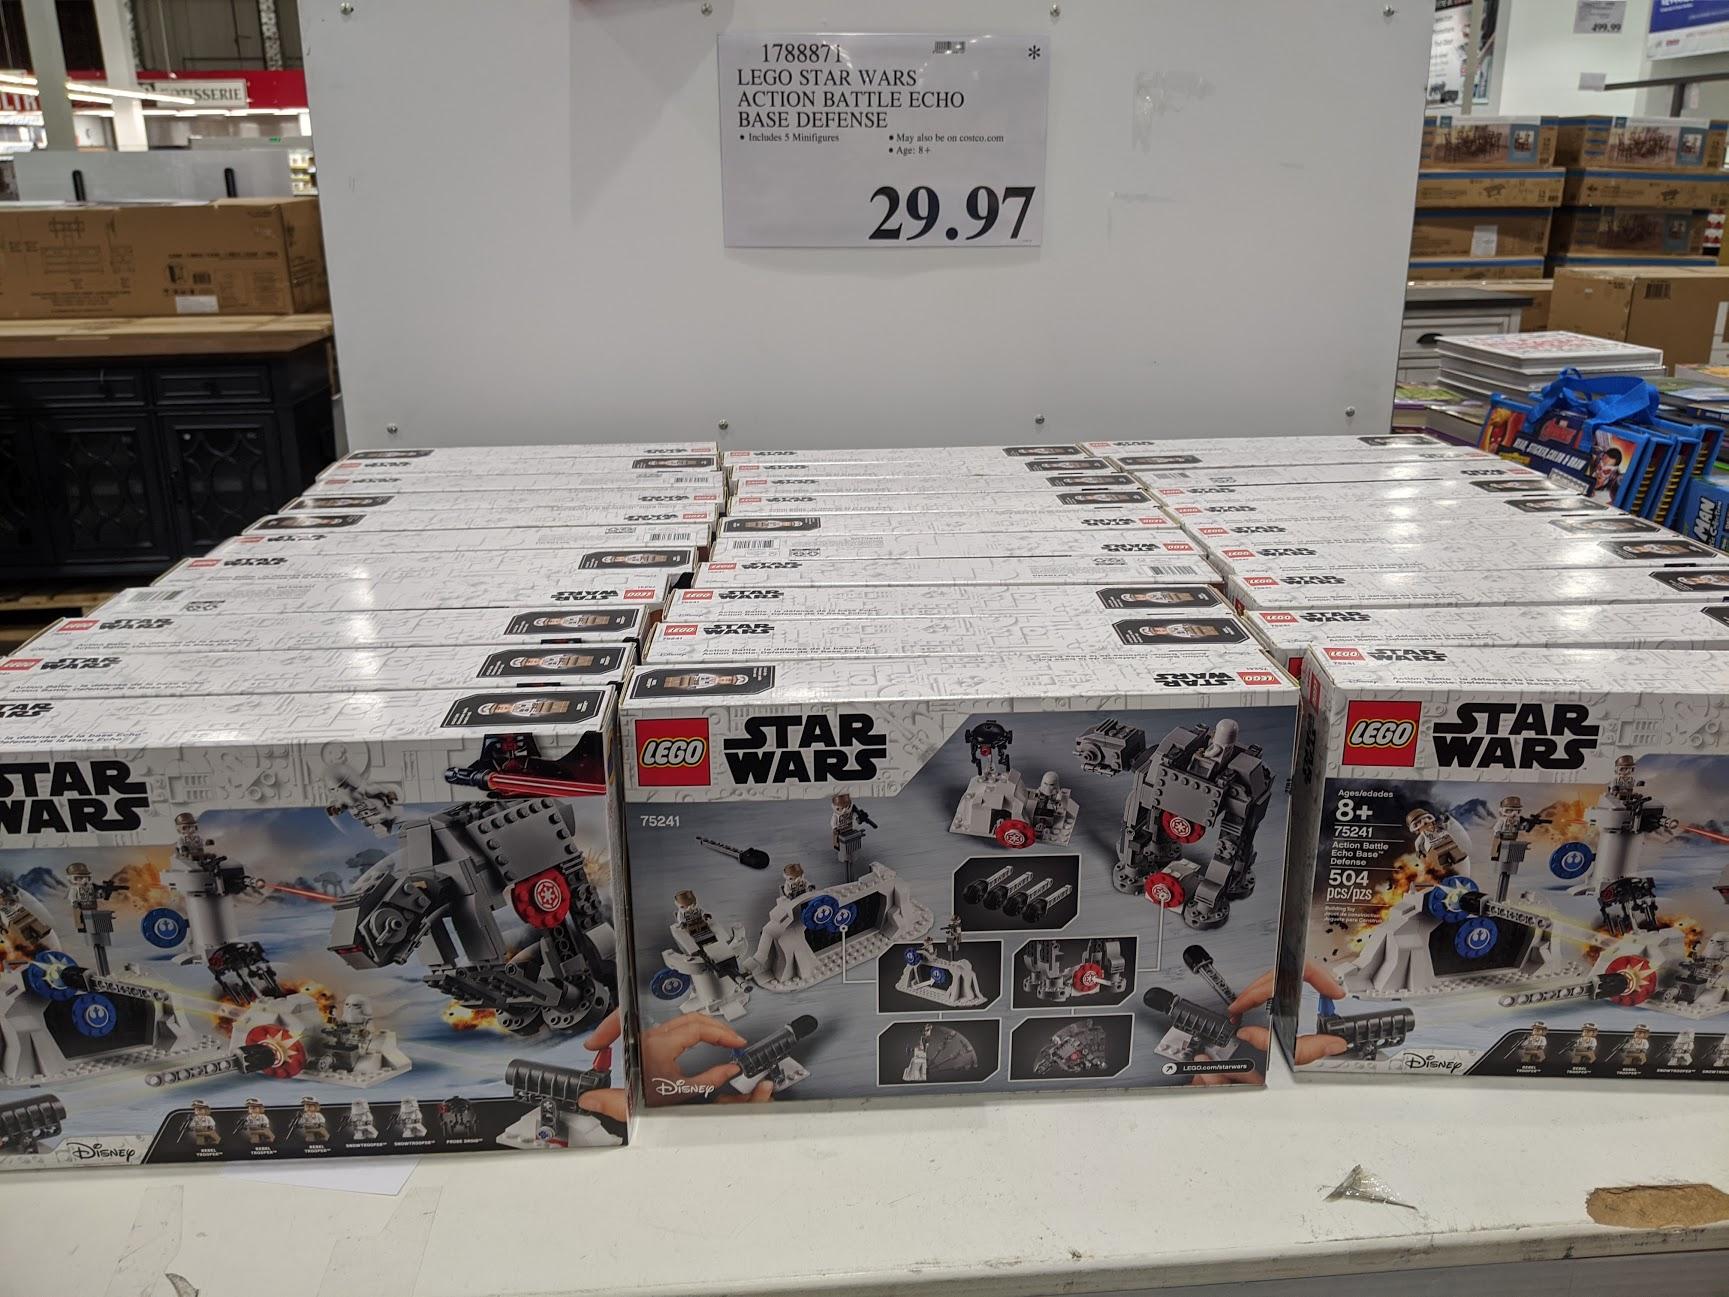 LEGO Star Wars Action Battle Echo Base Defense #75241 $29.97 - Costco B&M YMMV